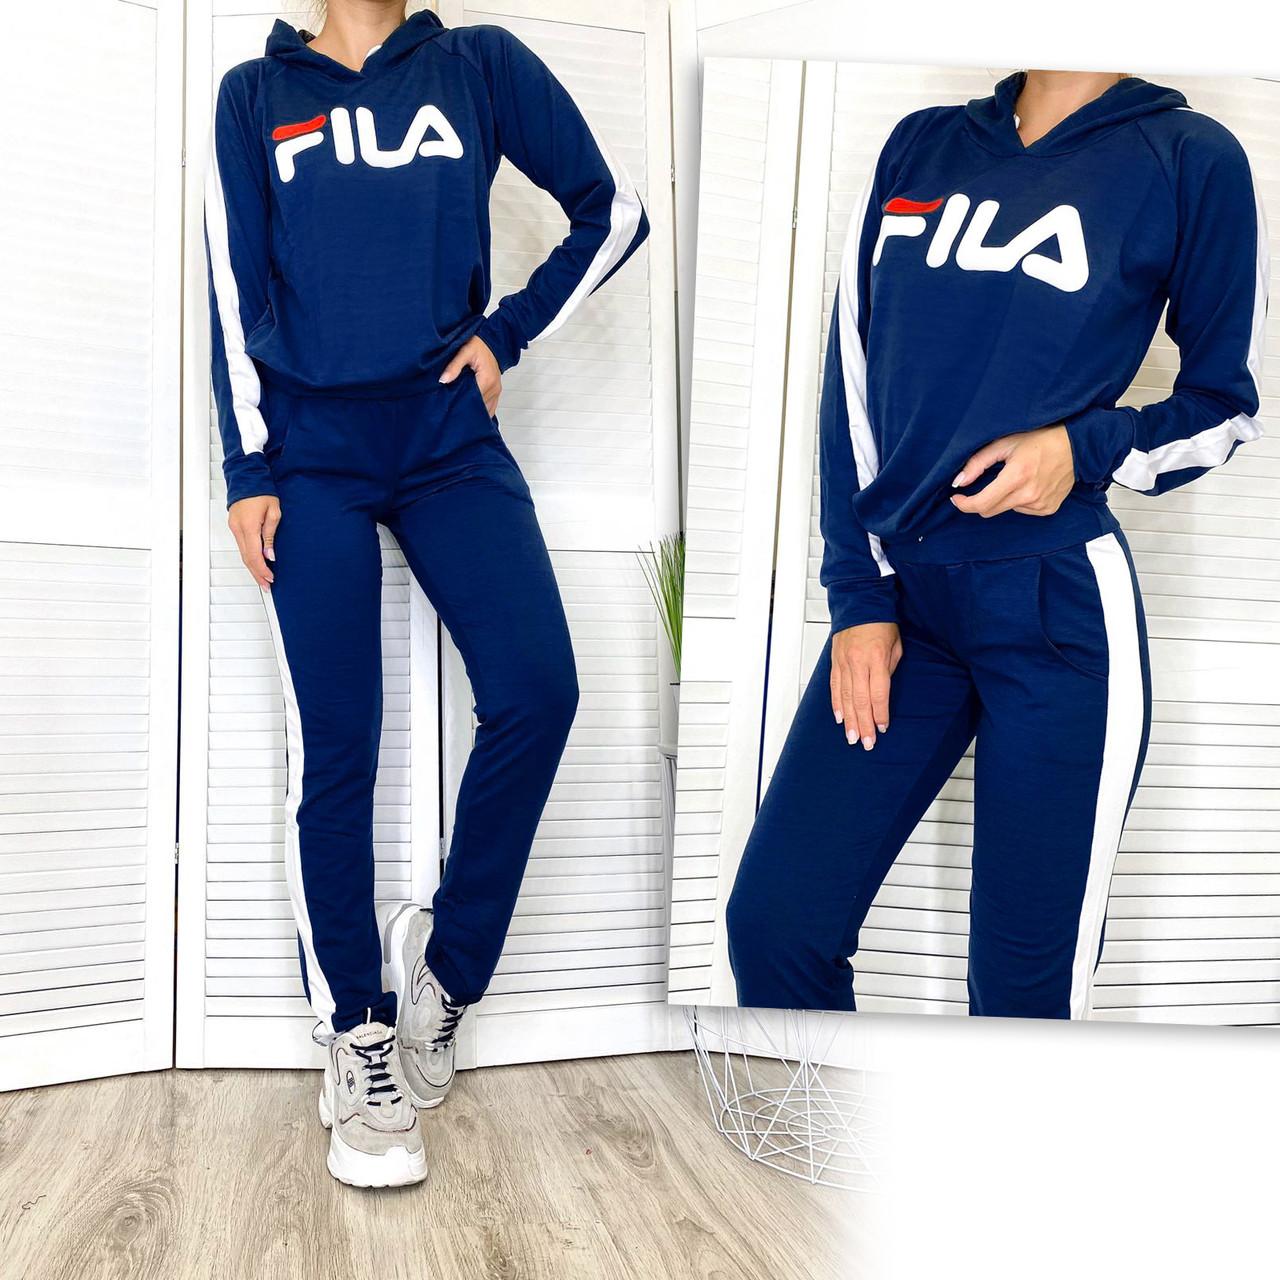 0327-4 темно-синий Demax женский спортивный костюм с капюшоном из двунитки (36,38,40, евро, 3 ед.)